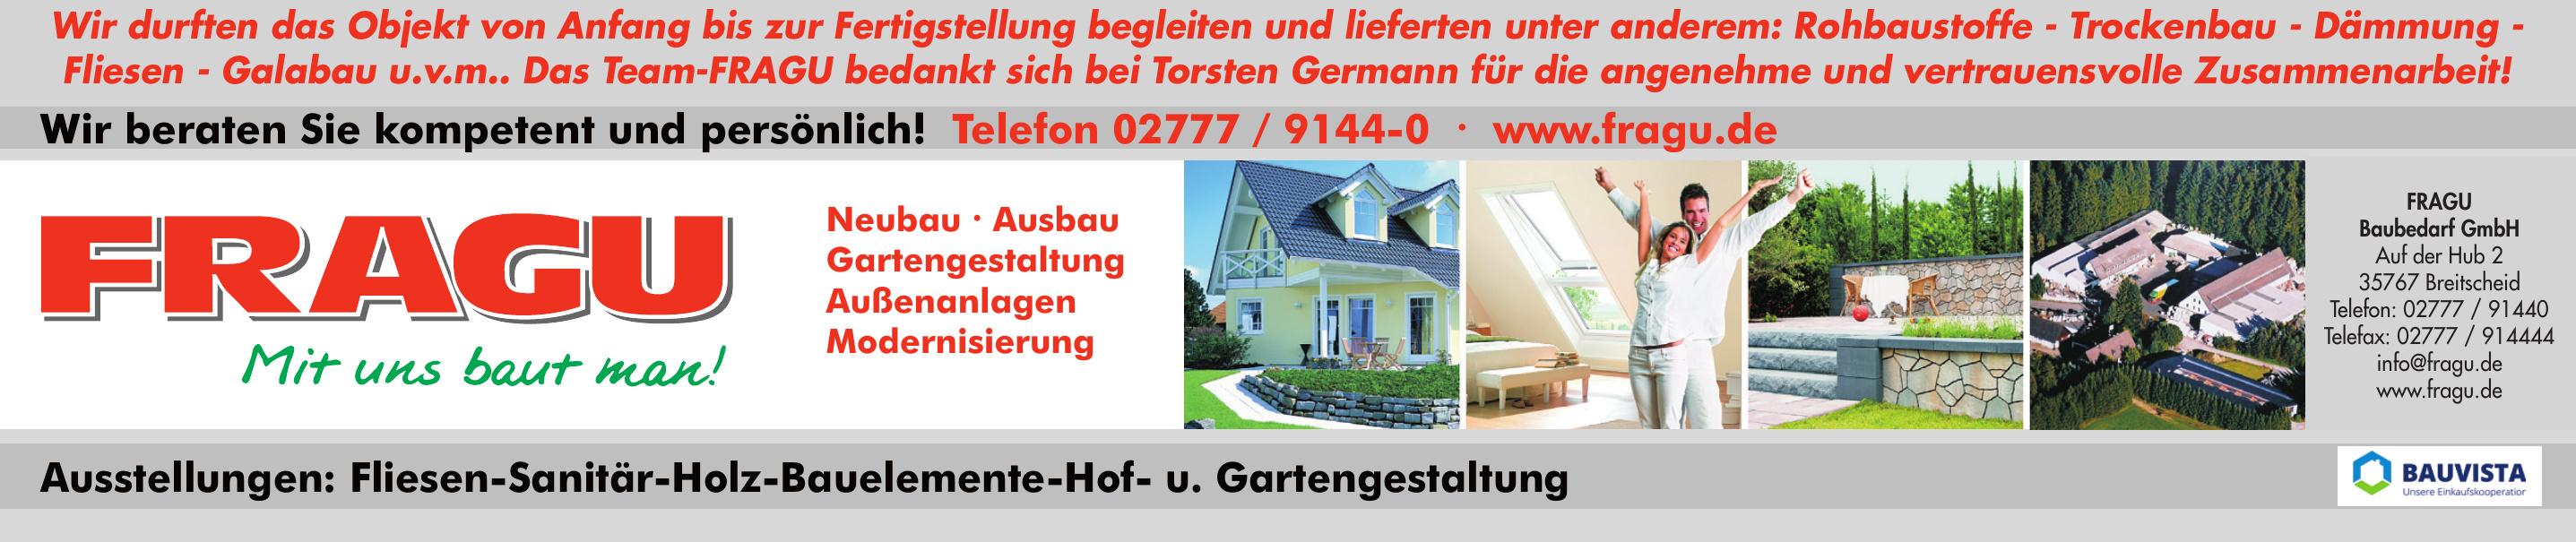 FRAGU Baubedarf GmbH